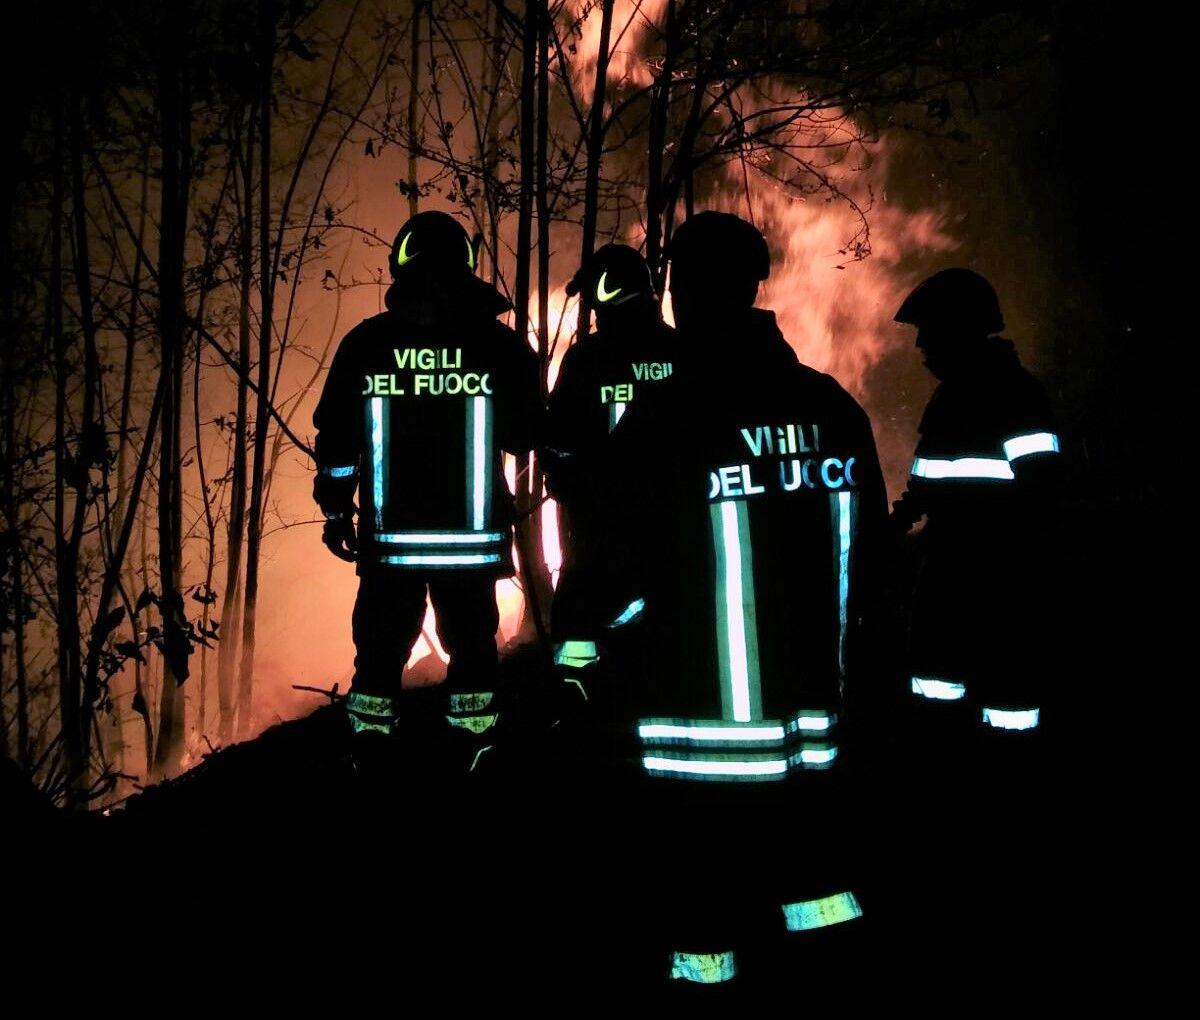 CANAVESE - Allarme ad Ivrea per un vasto incendio boschivo: vigili del fuoco e Aib al lavoro